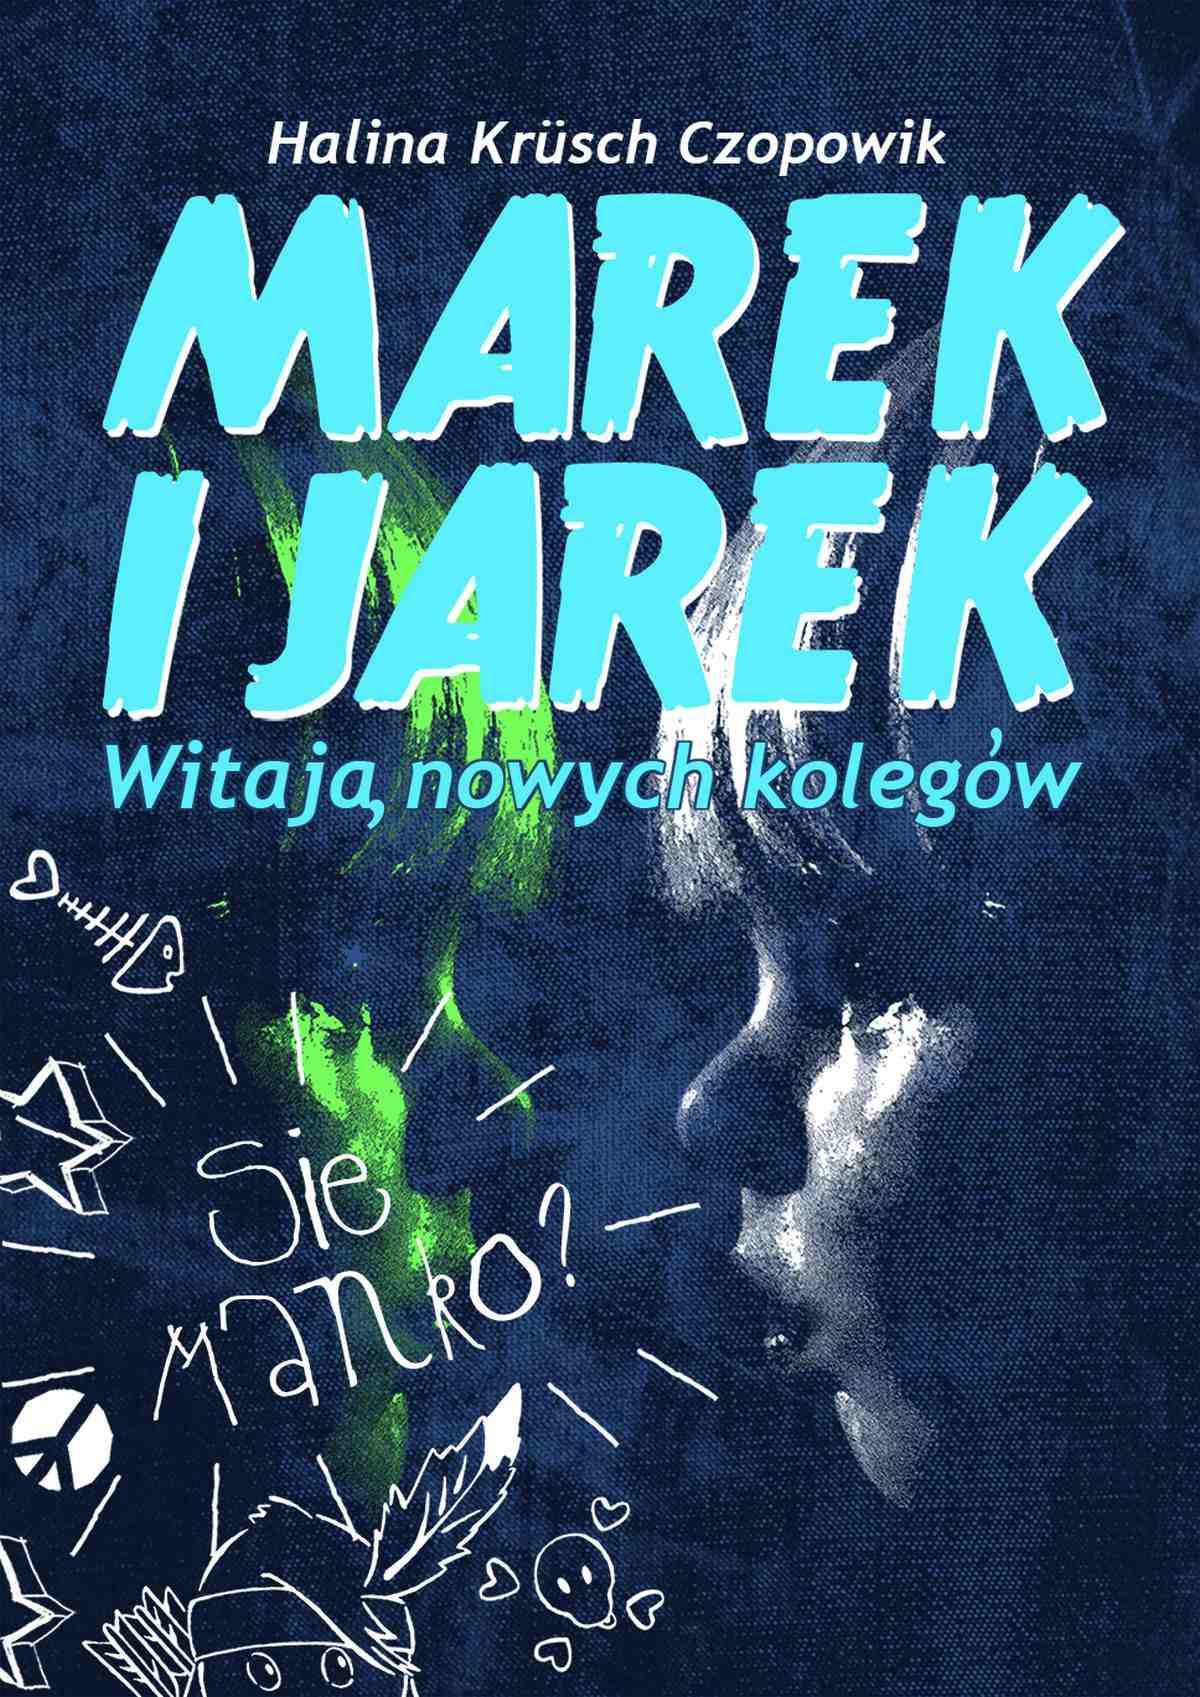 Marek i Jarek witają nowych kolegów - Ebook (Książka PDF) do pobrania w formacie PDF